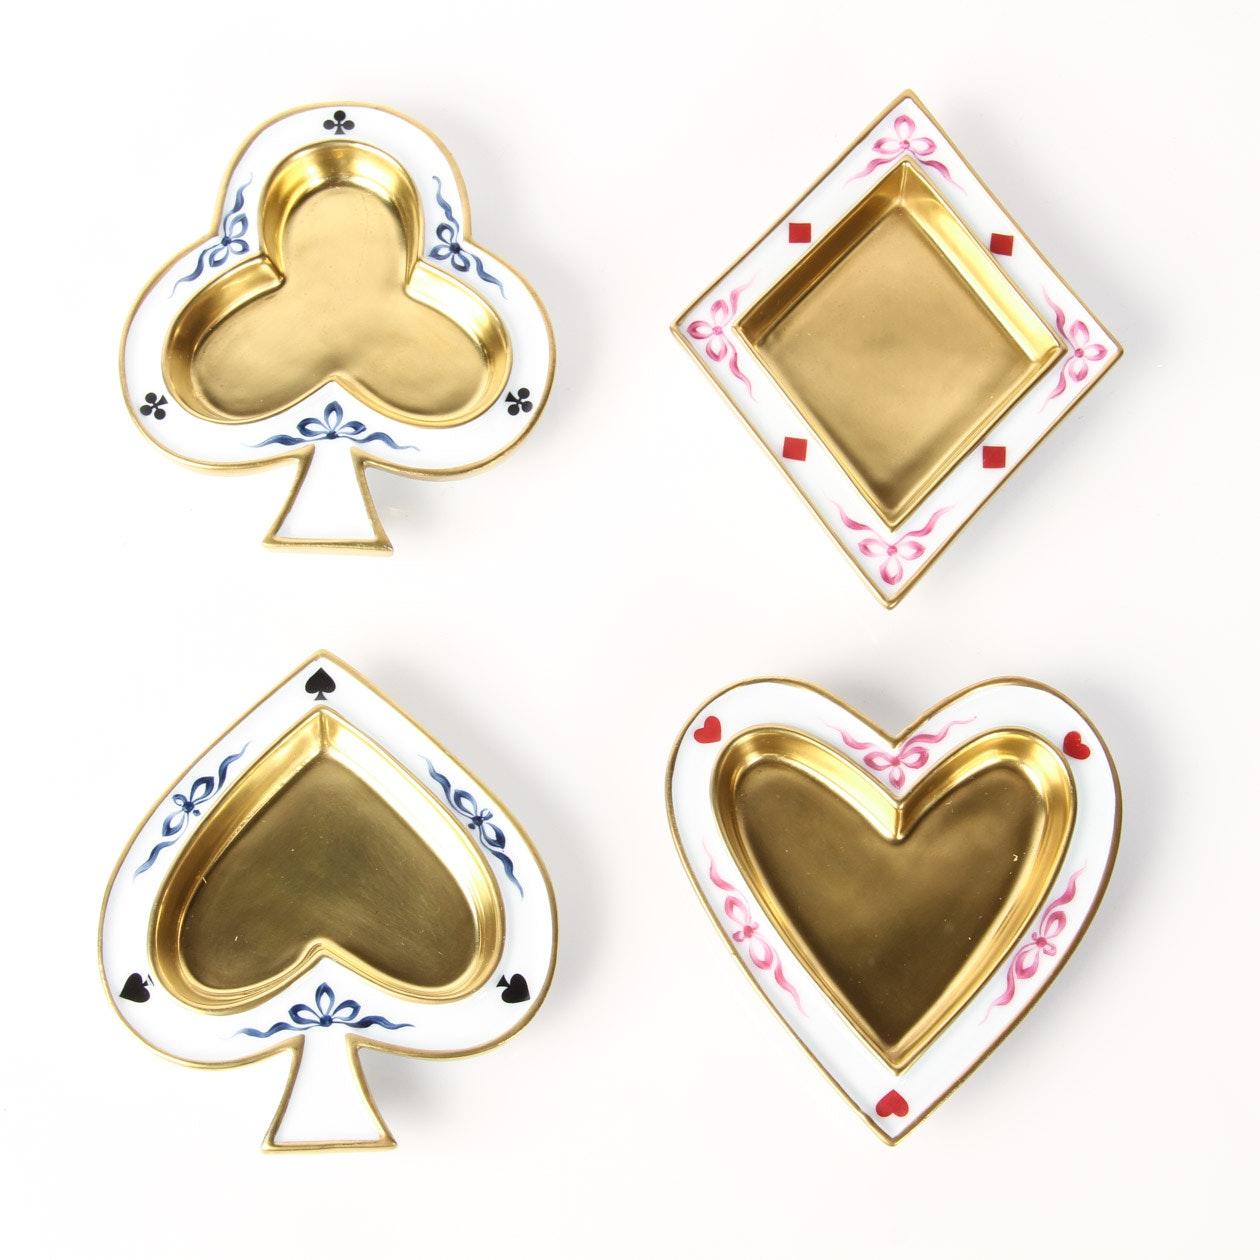 Limoges Card Suit Dish Set by Fabergé